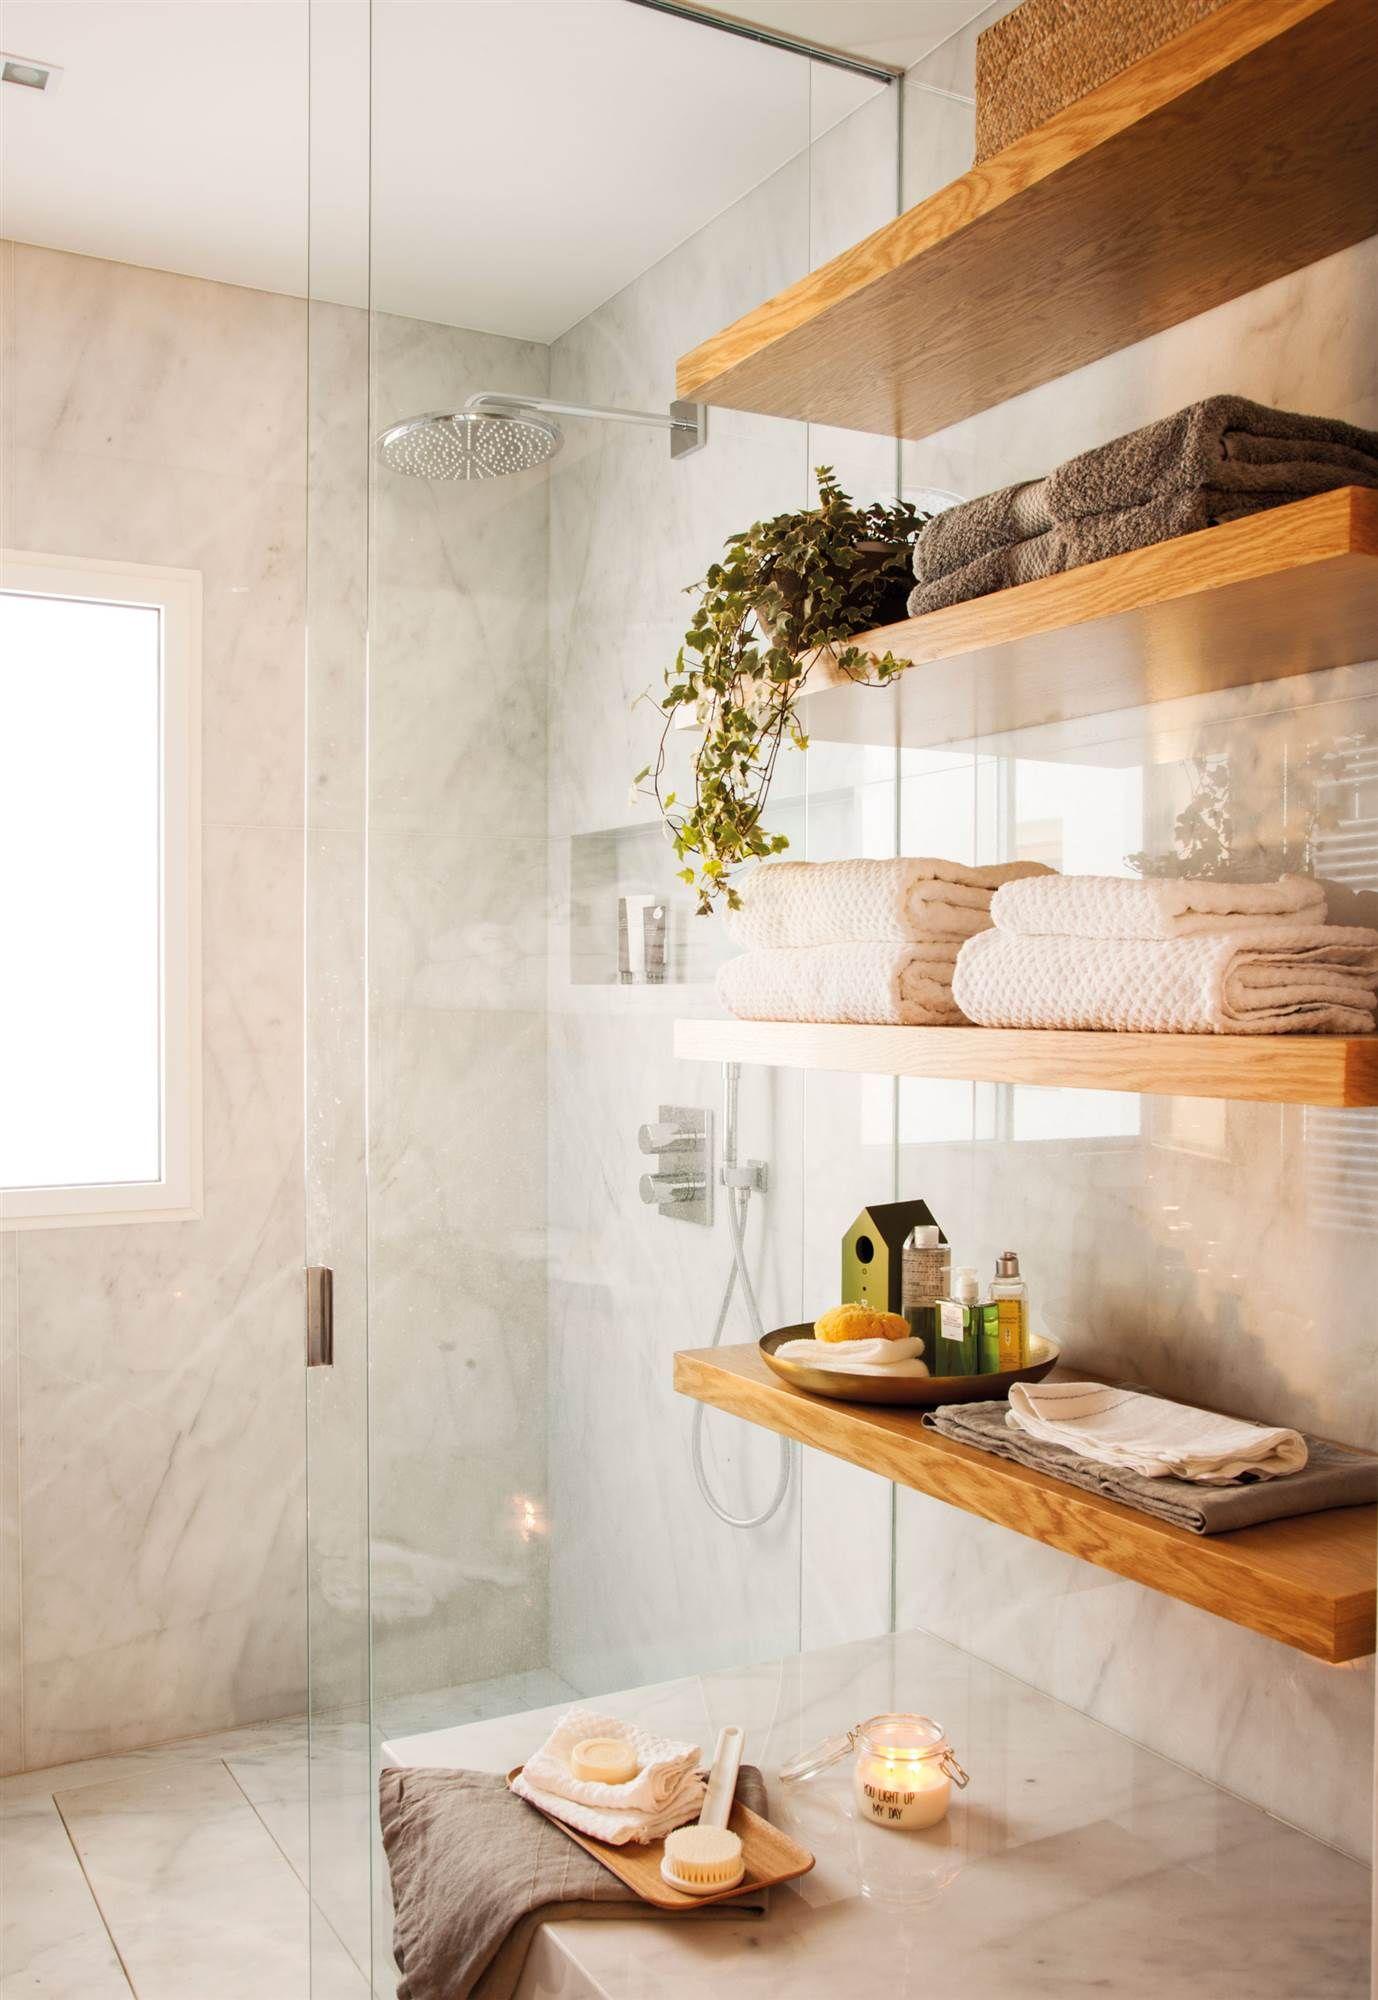 Piezas mínimas para el mínimo espacio | Decoracion baños ...